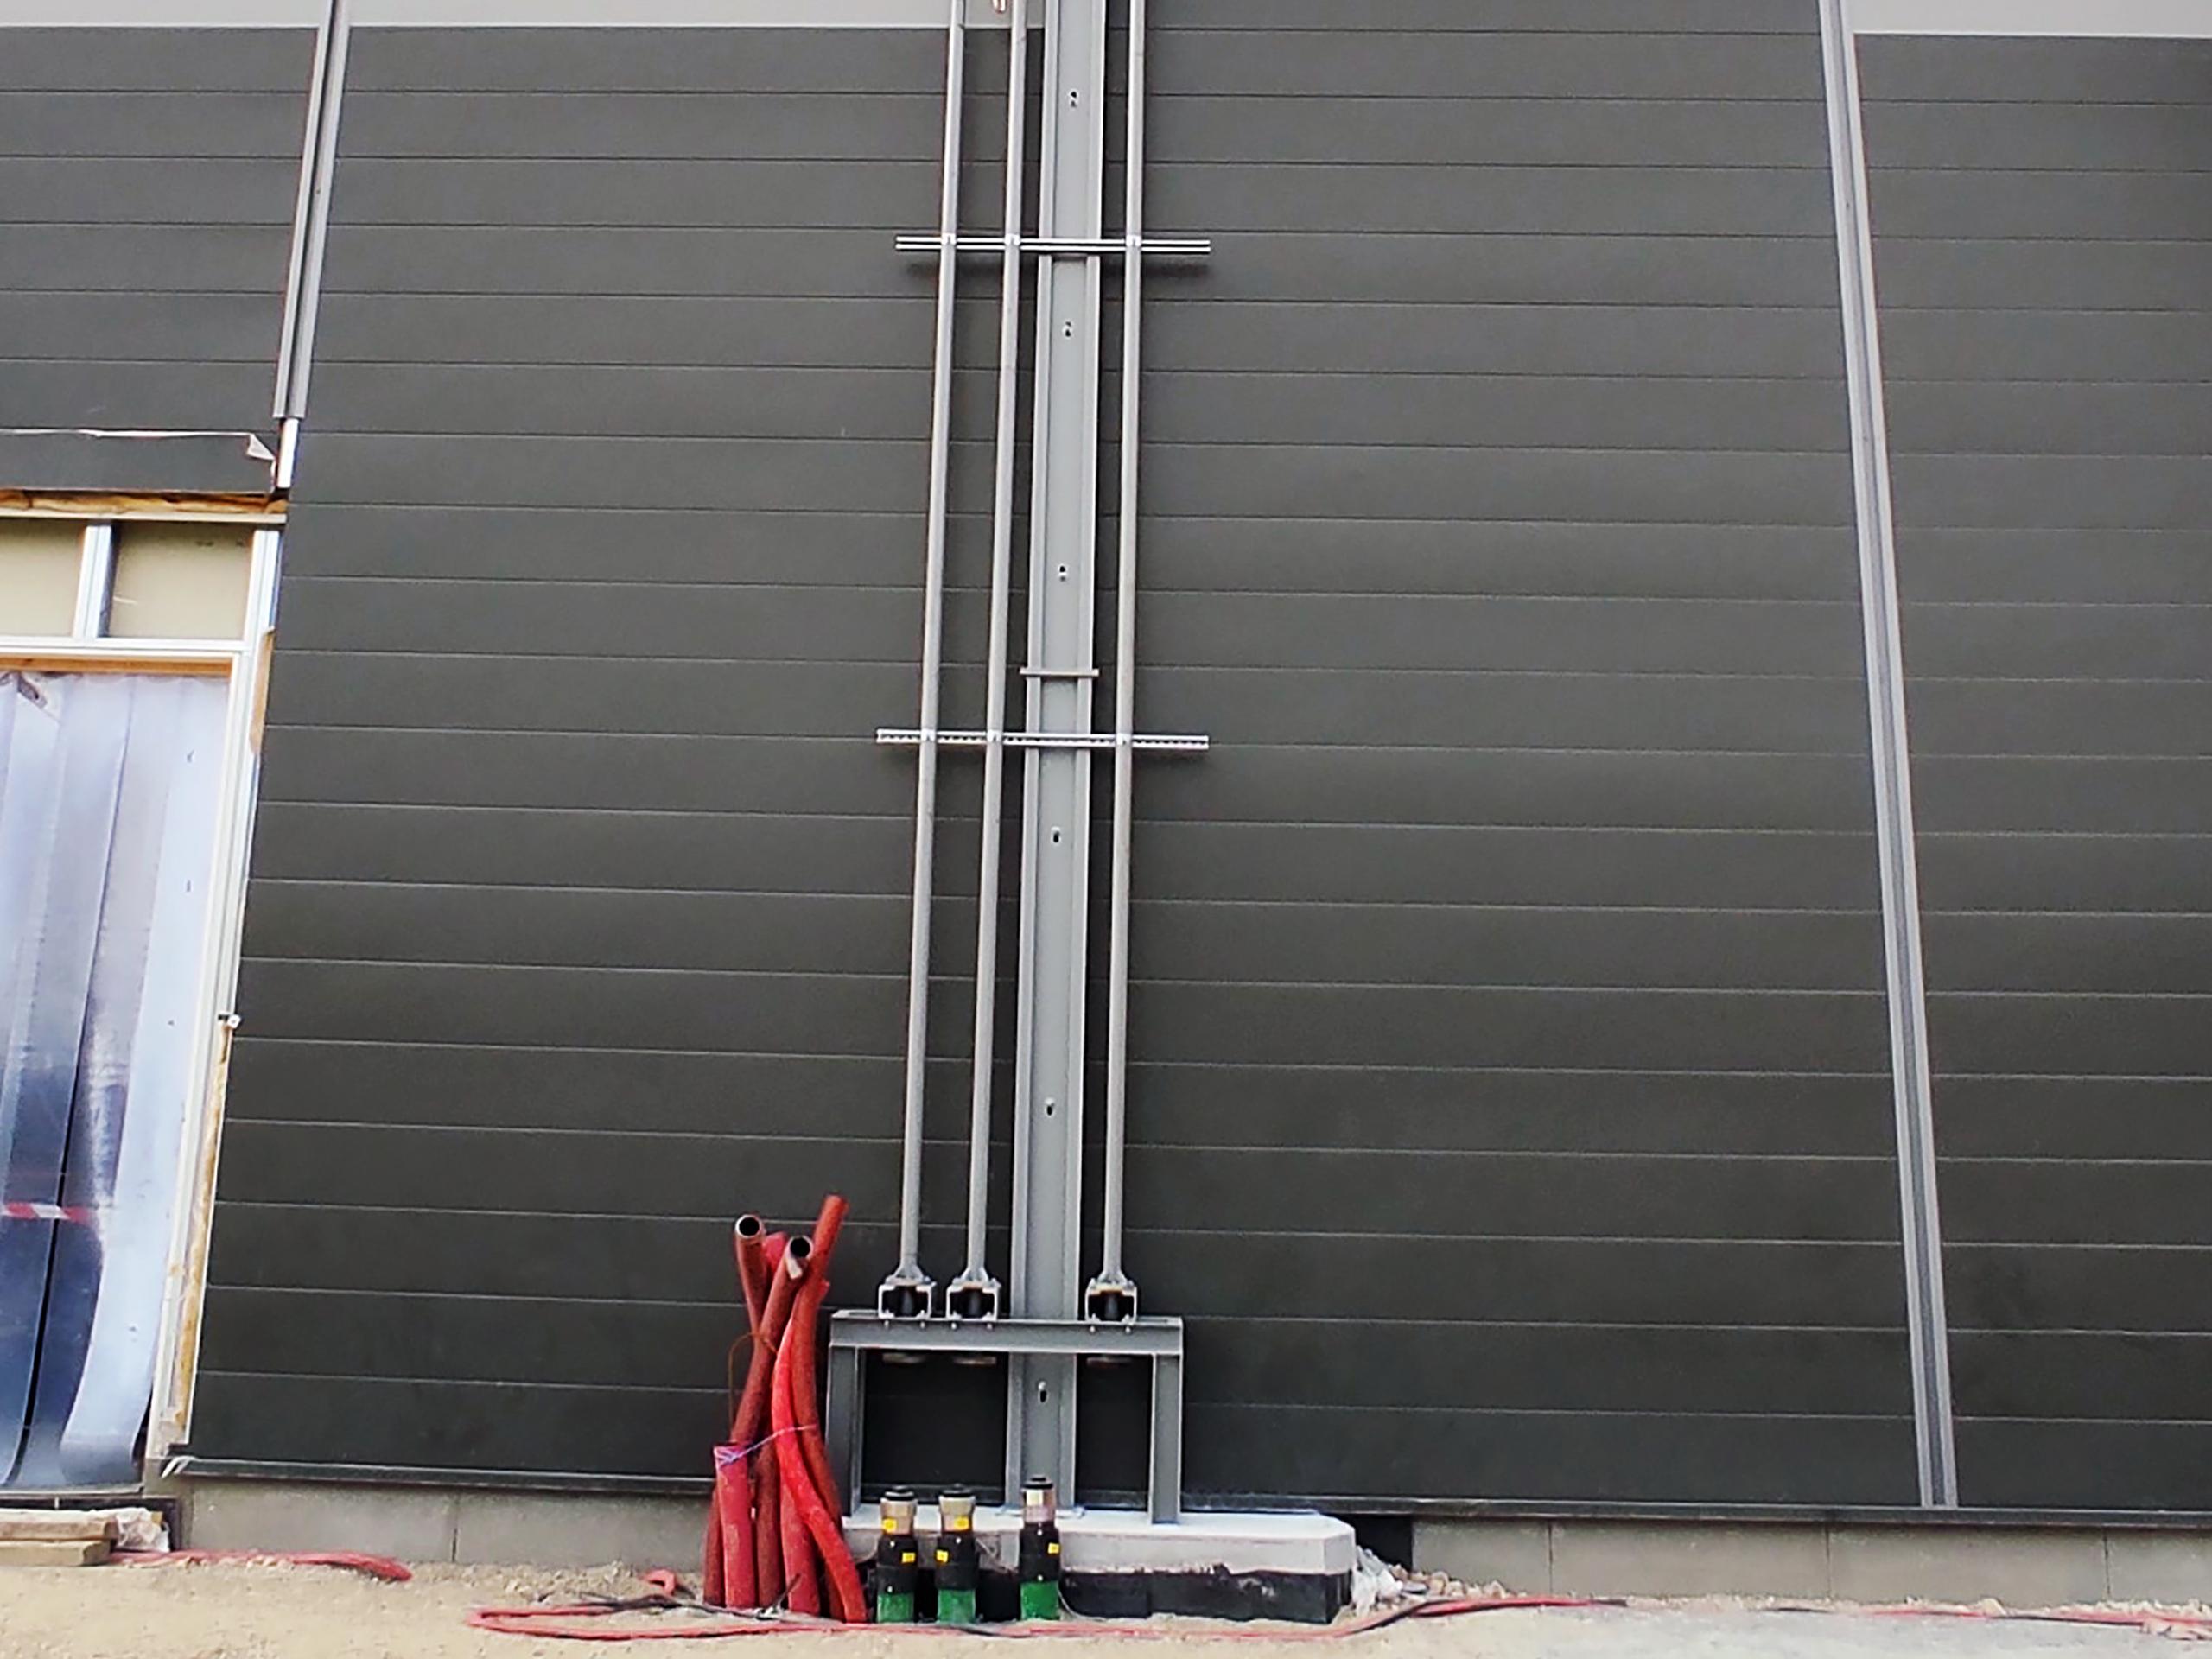 Les tuyaux 2 '' KPS ont été connectés aux tuyaux acier qui montent jusqu'au toit, grâce à des raccords à bride DIN KPS, les retour mousse en 4''